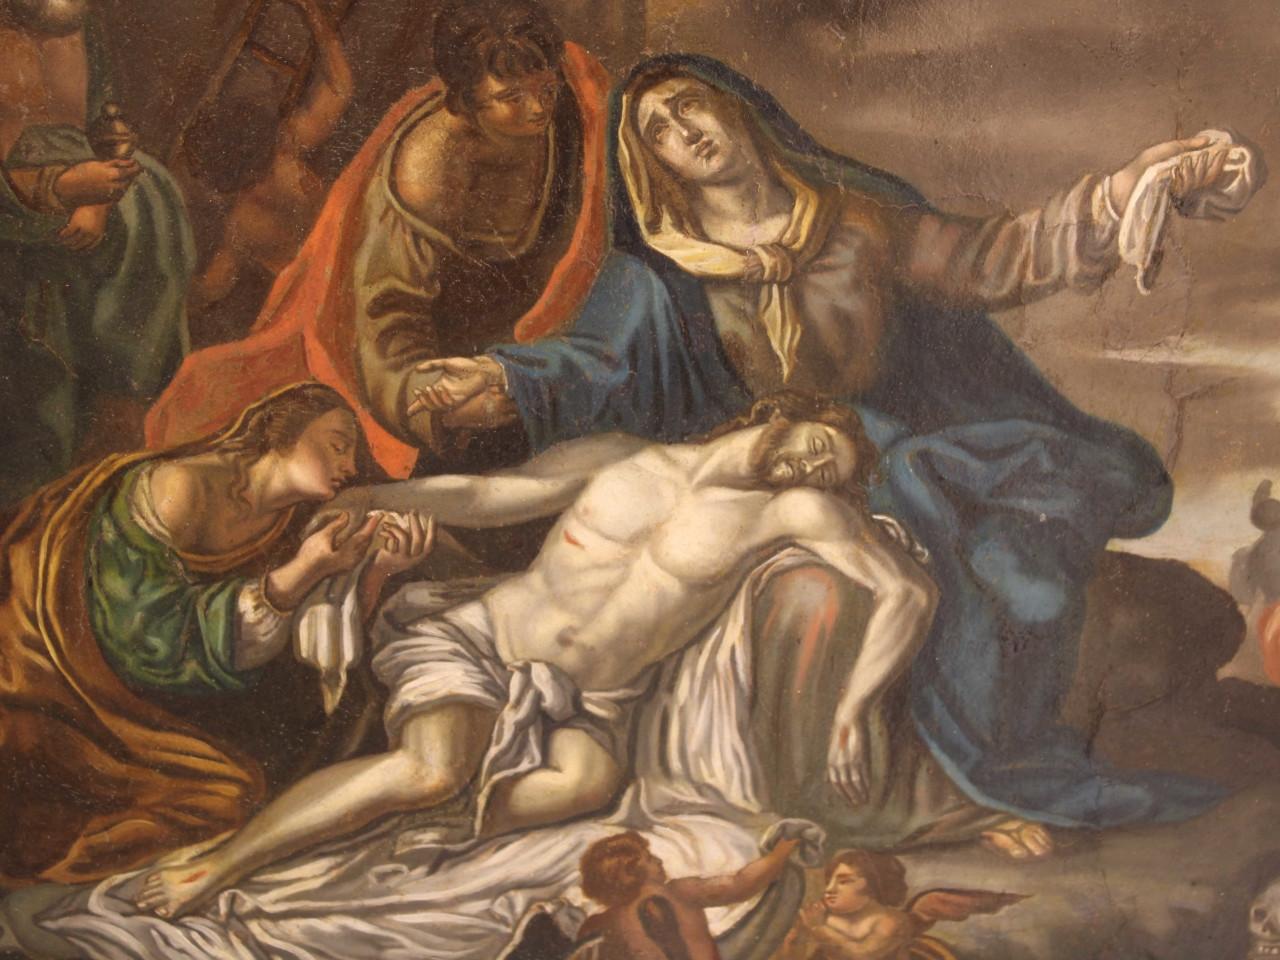 La deposizione di Cristo -Antichità Ioviero